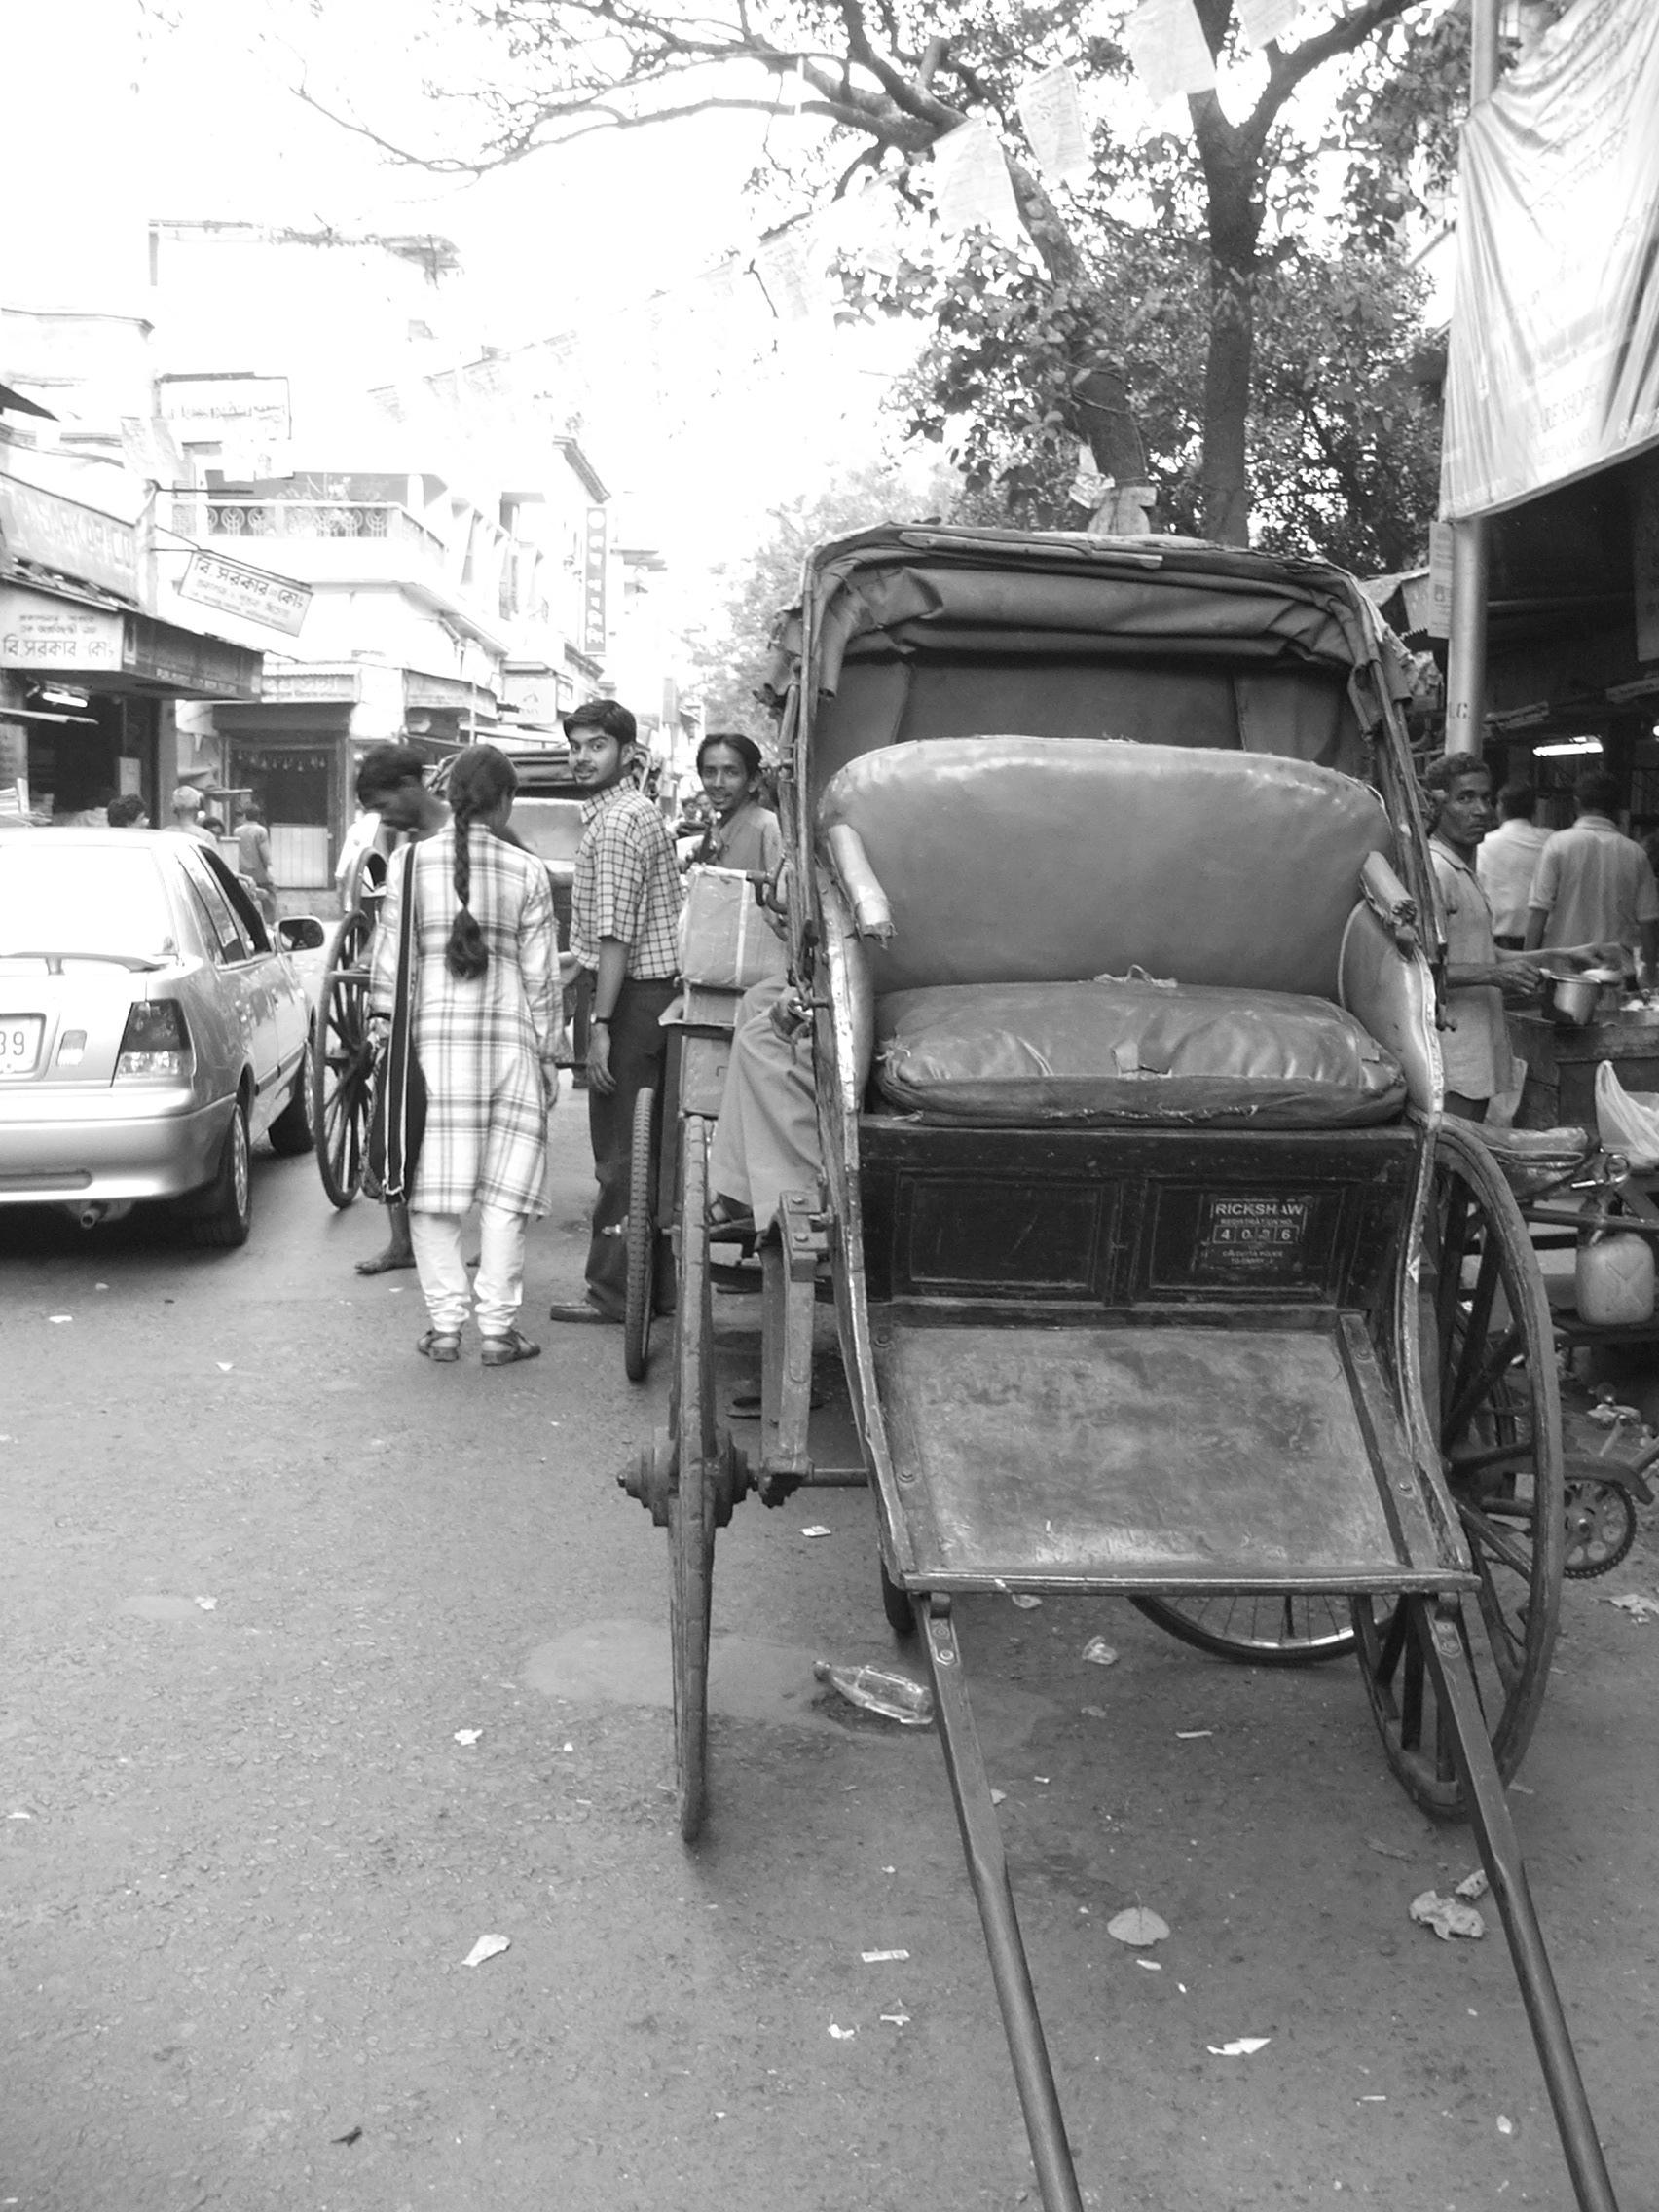 A rickshaw in college street